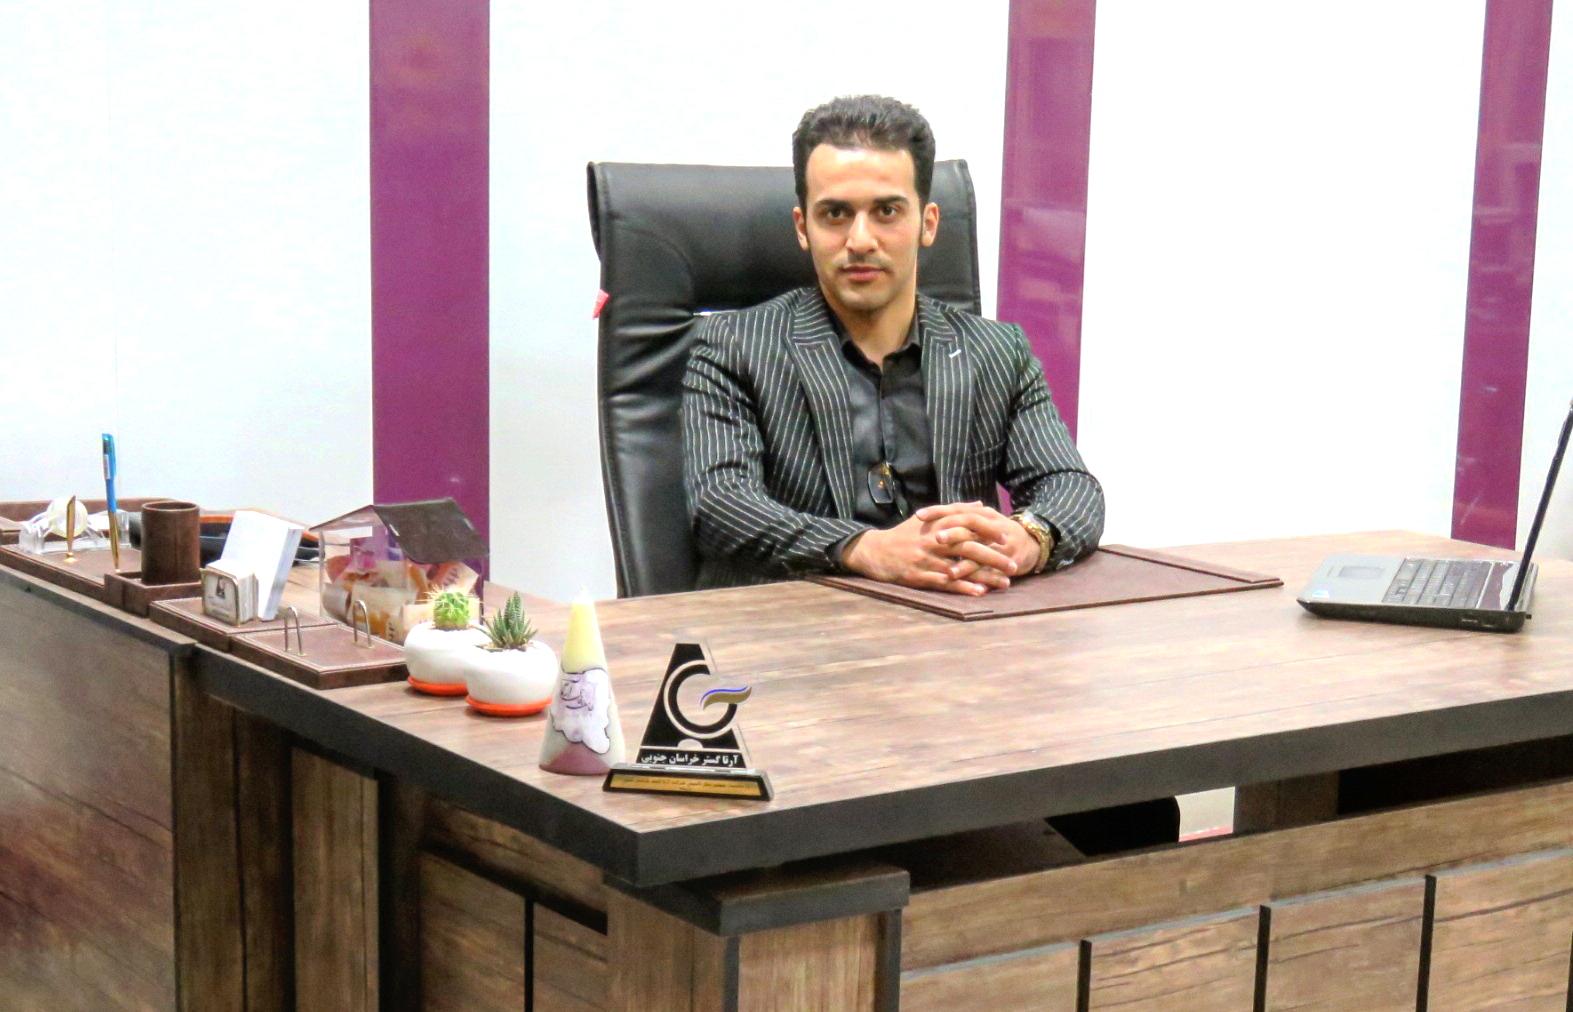 گفتوگوی اختصاصی طنین قاینات با مدیر اجرایی شهر هوشمند قاین 1396، نخستین شهر هوشمند ایران